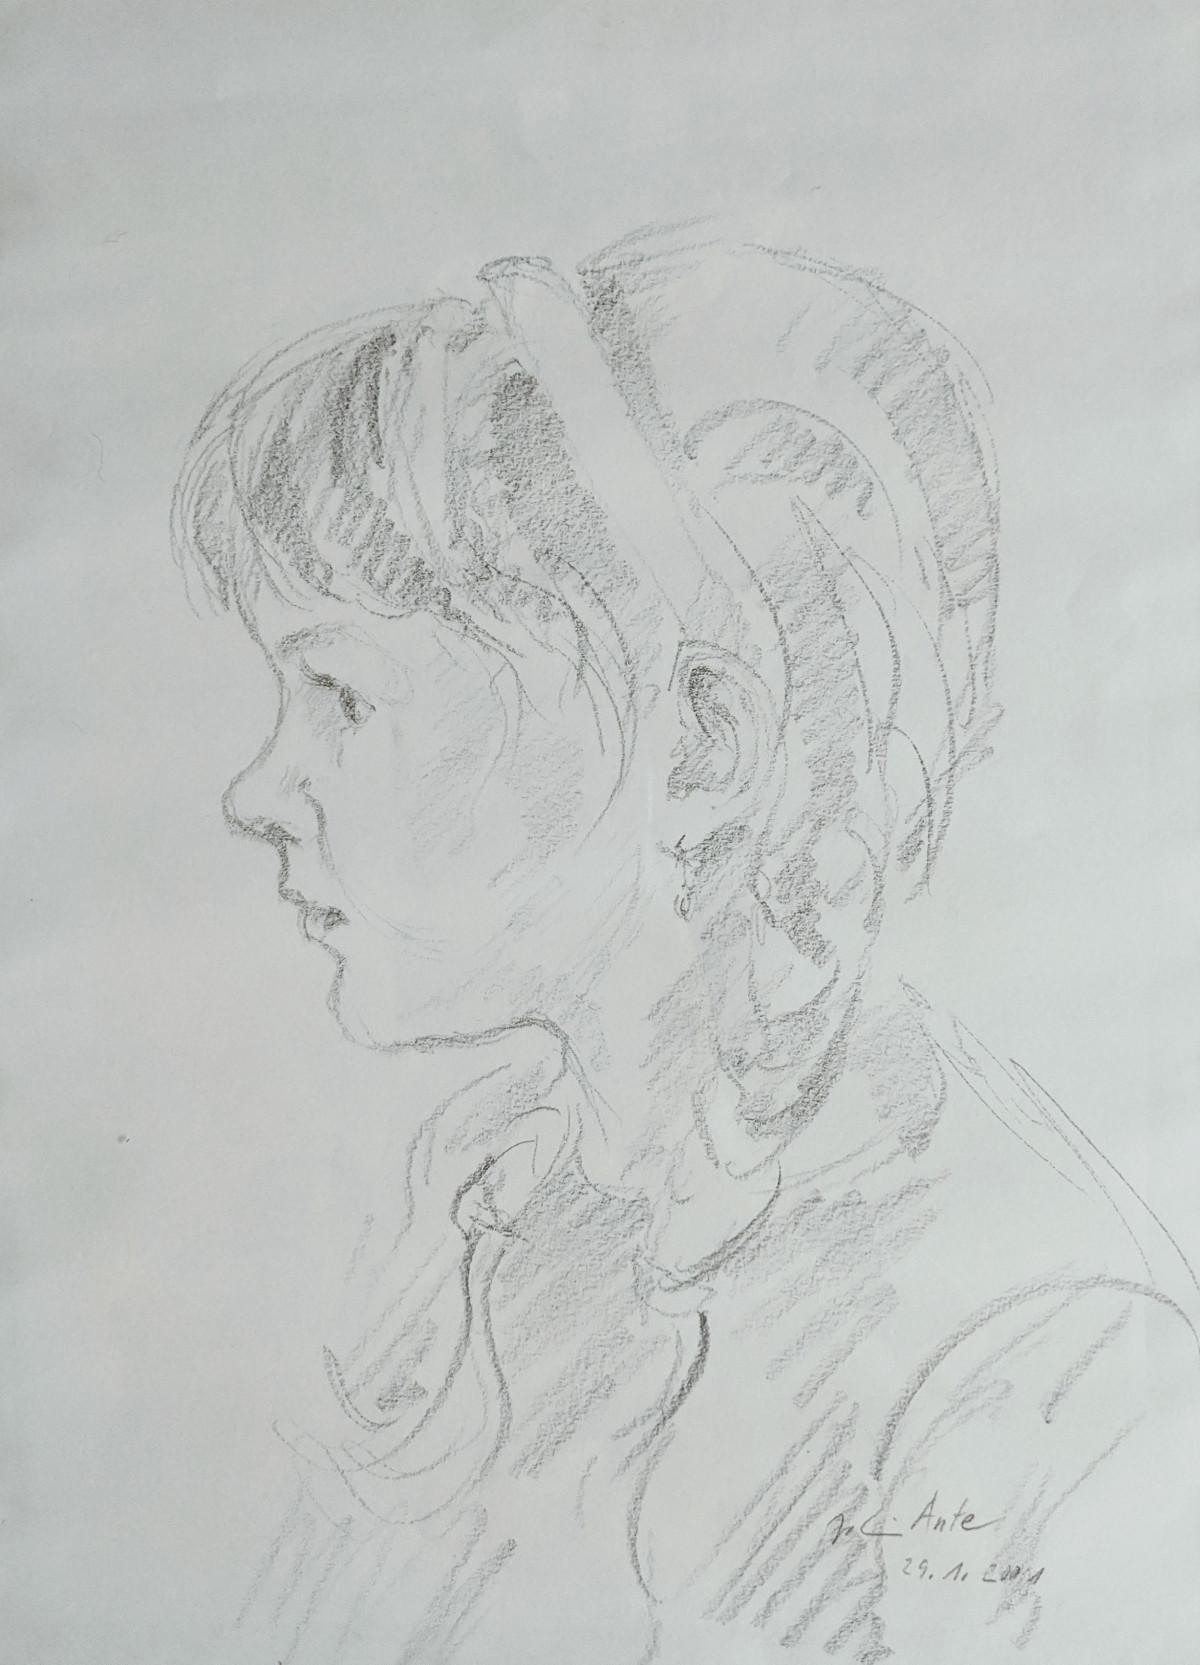 Gesina im Profil, Bleistiftzeichnung, 29.01.2001